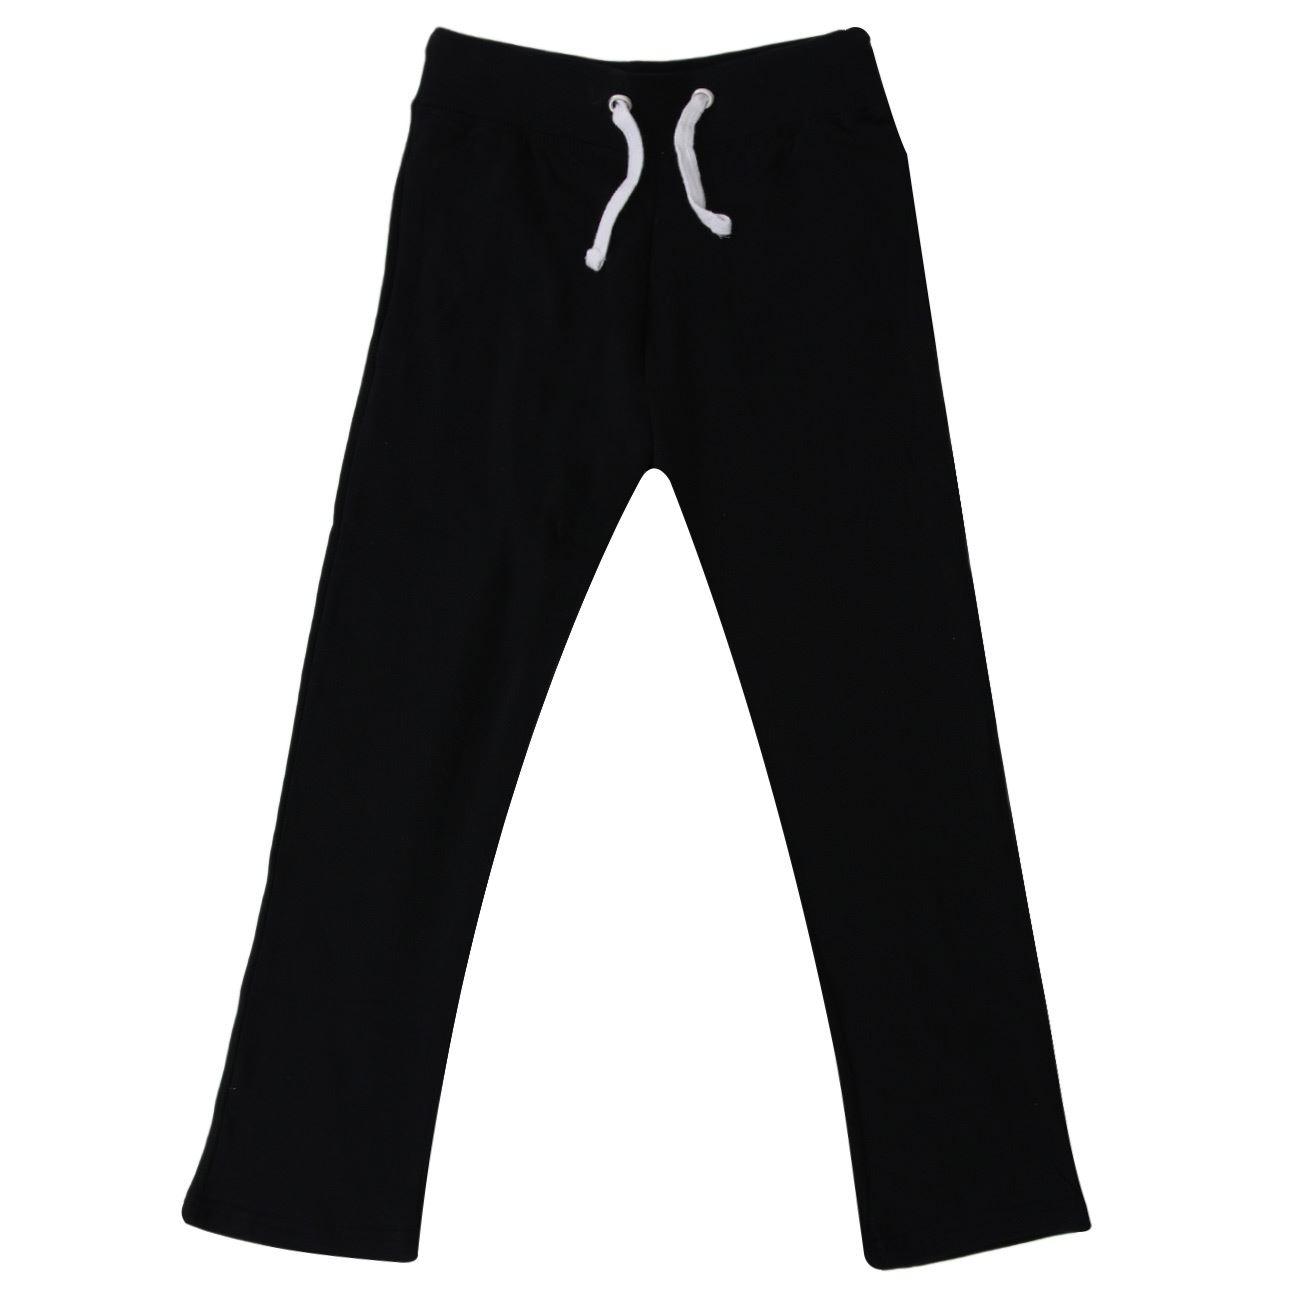 96aa79ba8dd Παντελόνι Φόρμας Παιδικό Μαύρο < Παντελόνια Φούτερ για Αγόρια | Jumbo